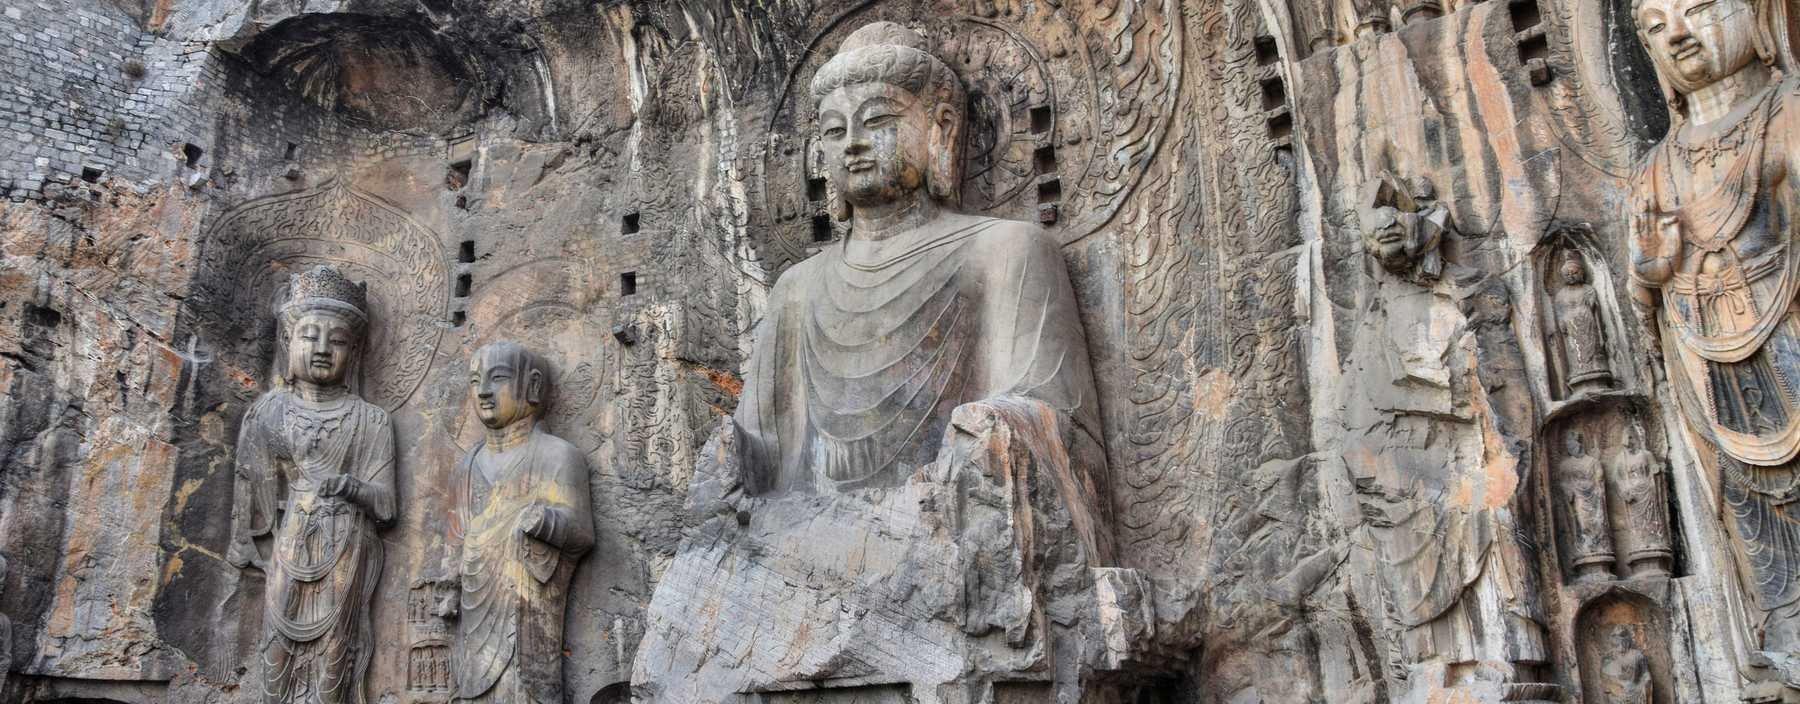 cn, luoyang, de longmen grotten (2).jpg